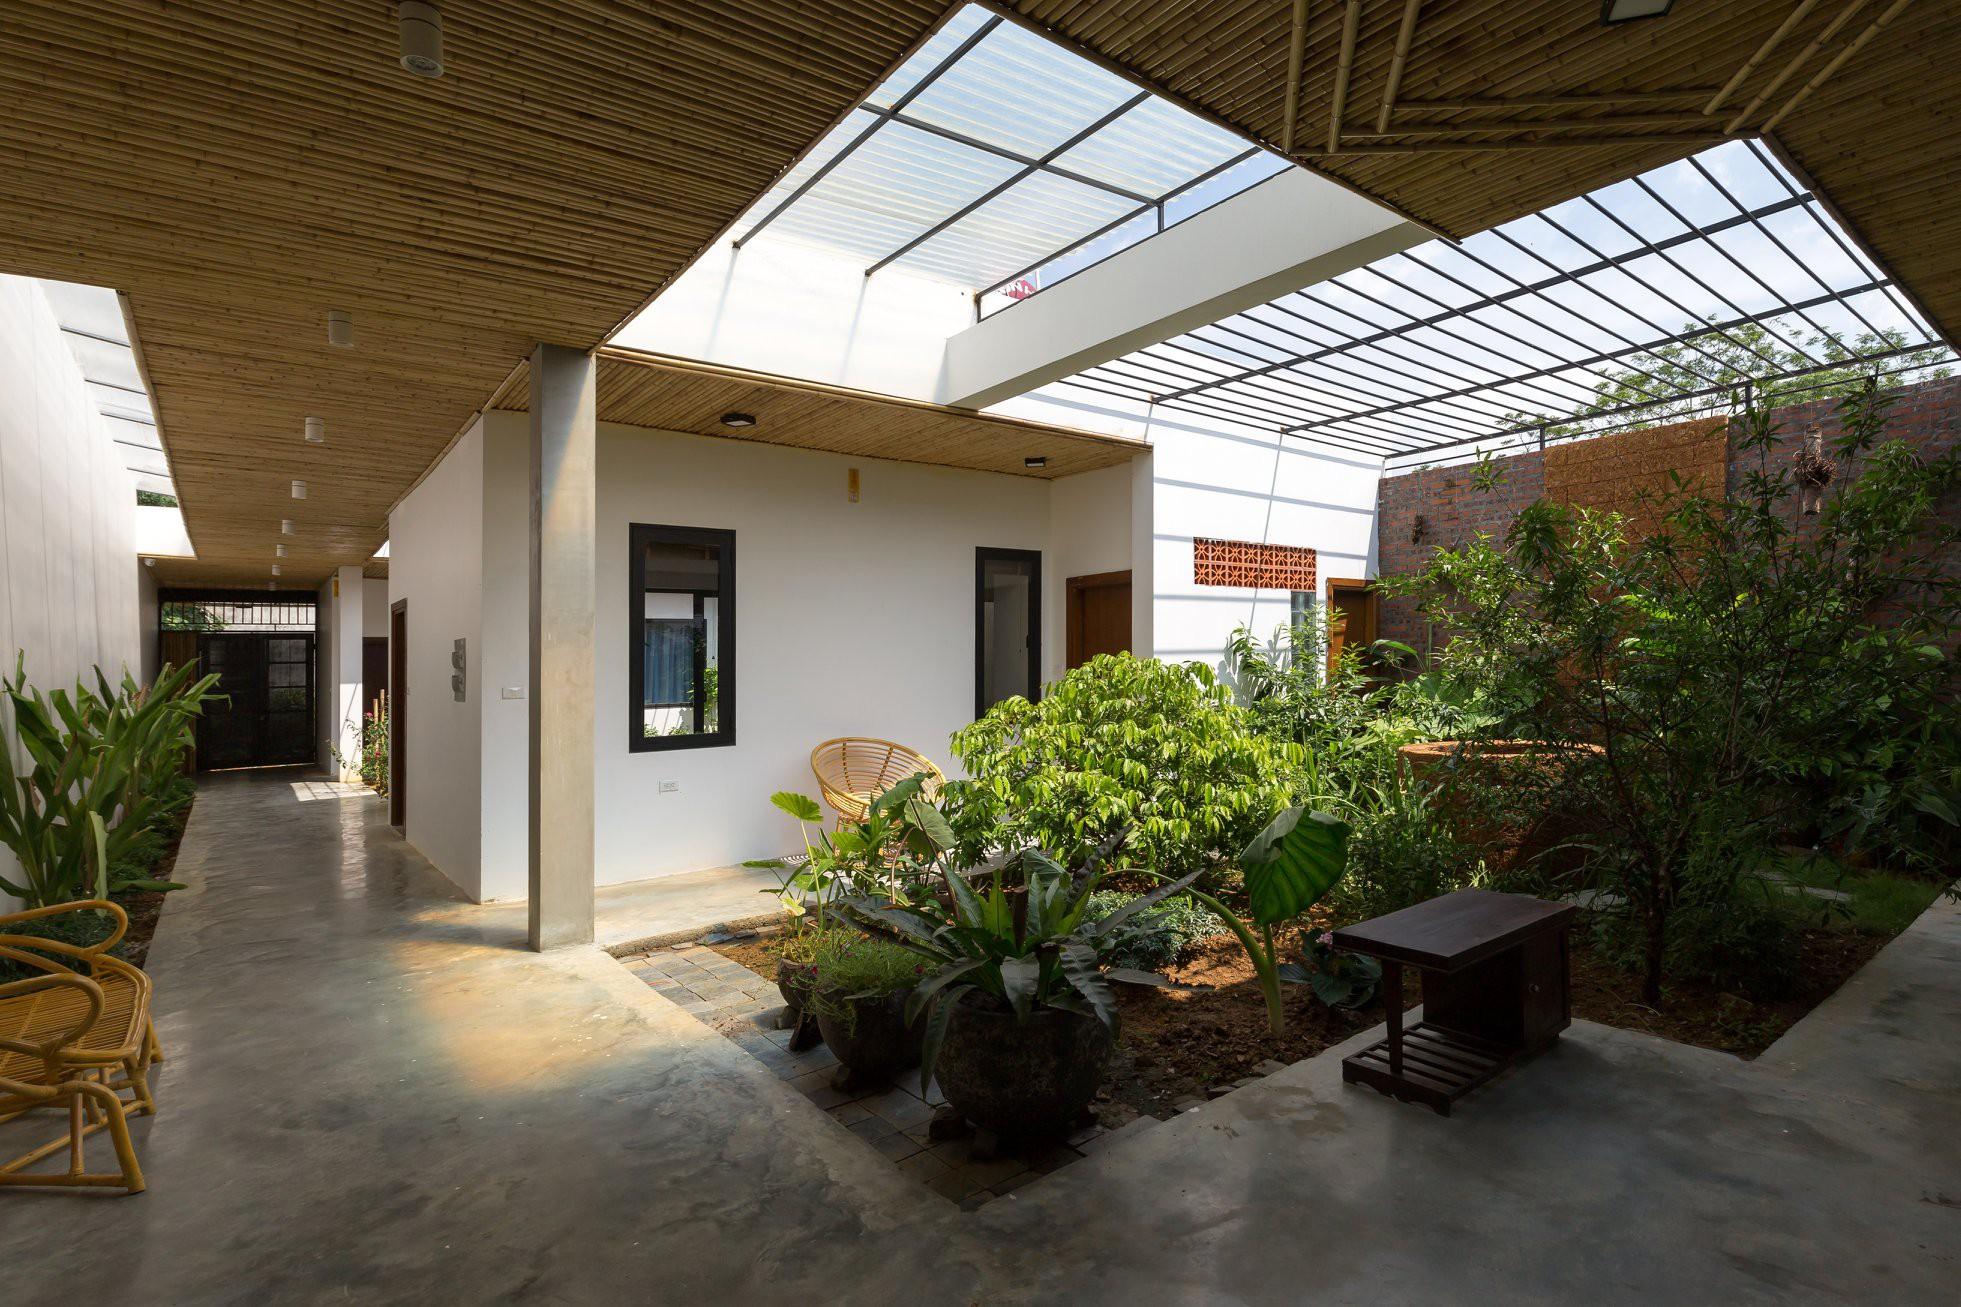 Ngôi nhà cấp 4 chan hòa ánh nắng và cây xanh mang lại vẻ yên bình đến khó tin ở Hà Nội - Ảnh 11.